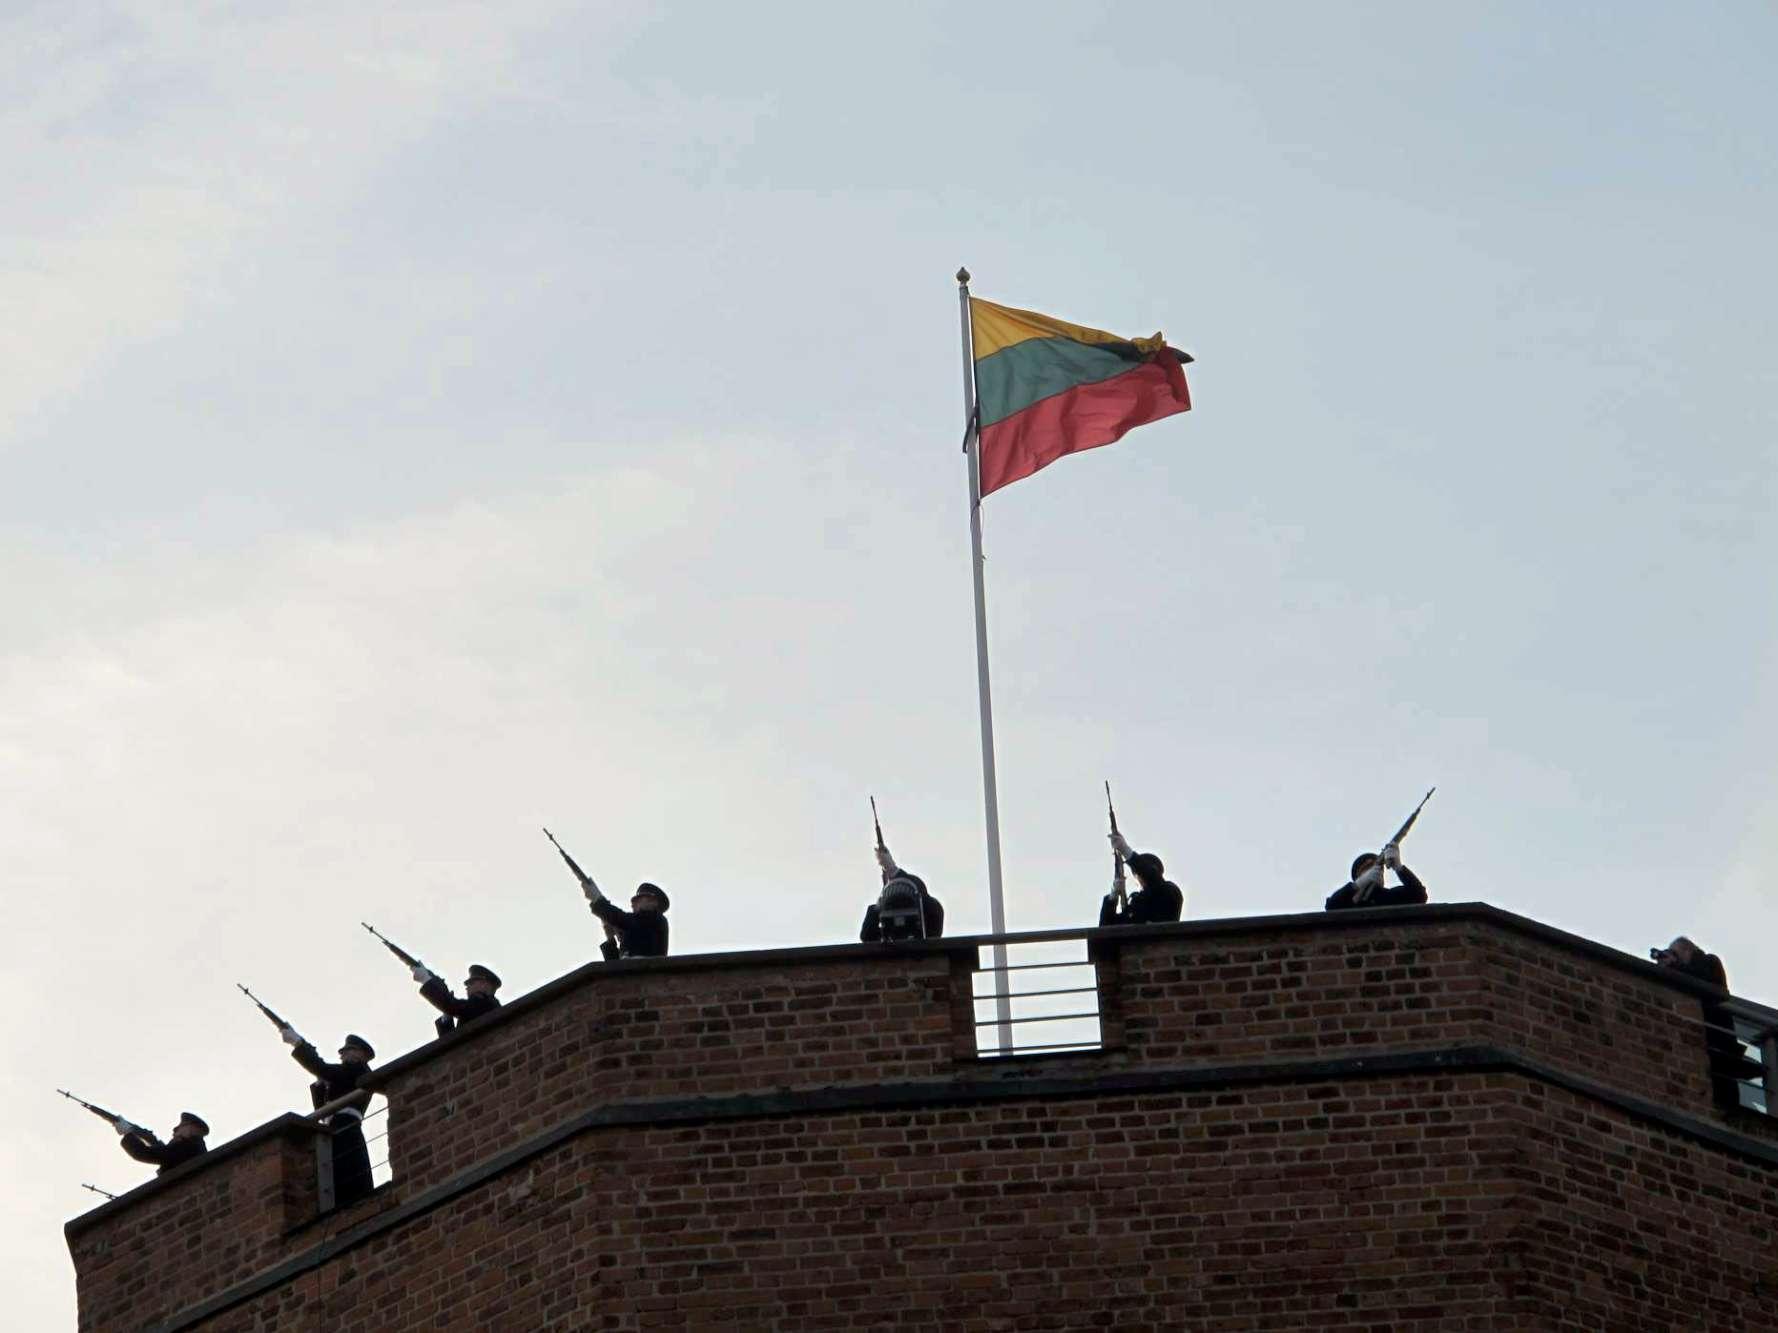 Lietuviškos trispalvės pakeitimo ceremonija 2013 sausio 1 dieną   N. Balčiūnienės nuotr.